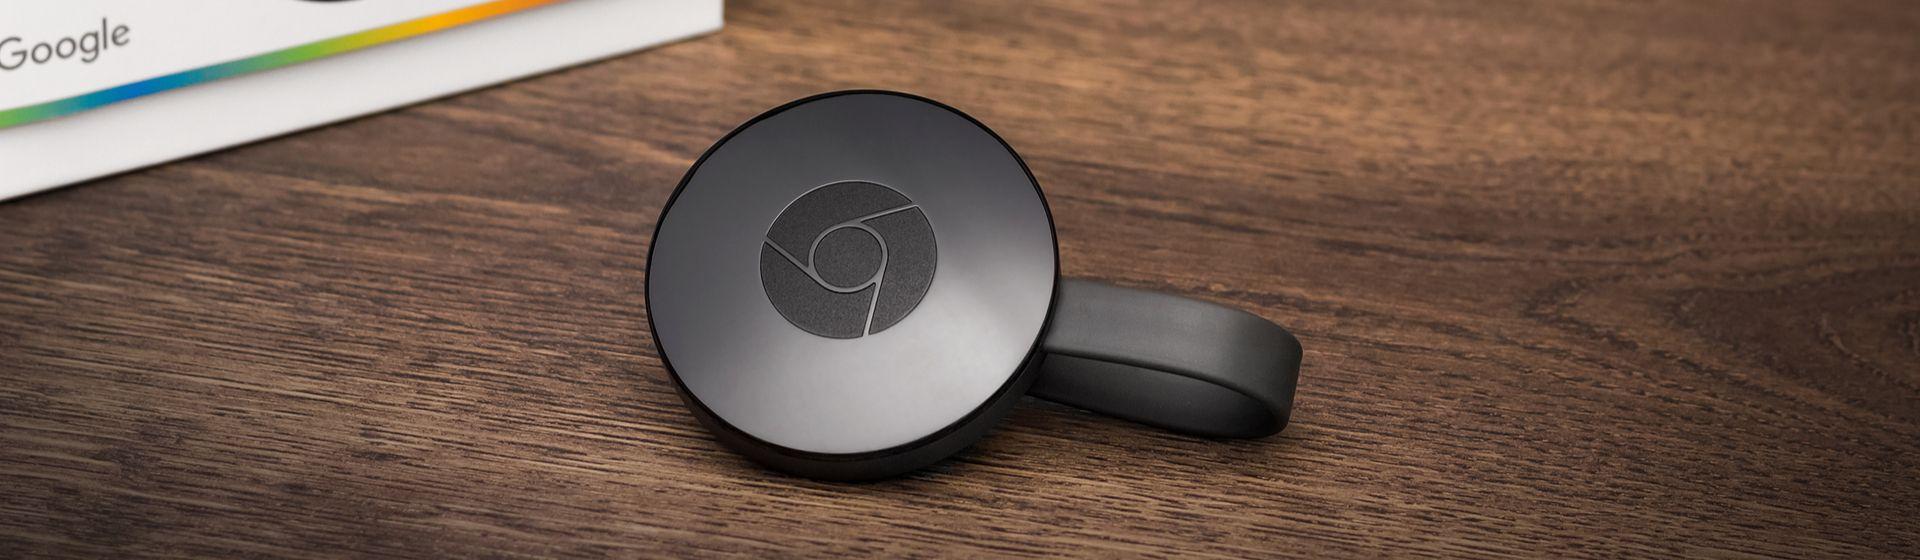 Como funciona o Chromecast?